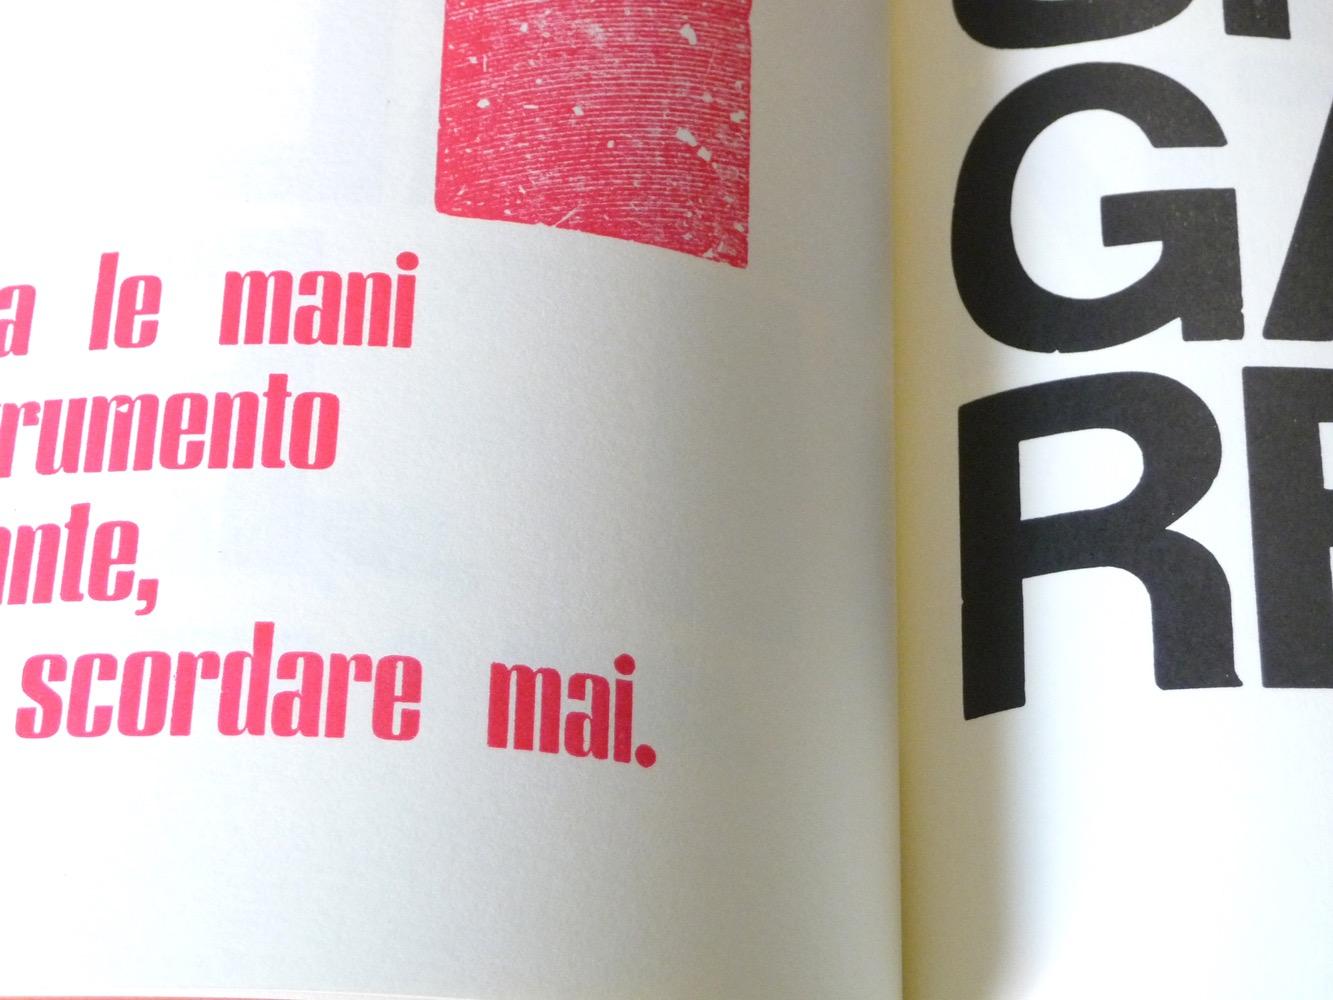 Diverbi Di Verbi 22 pic by Dario Sonatore